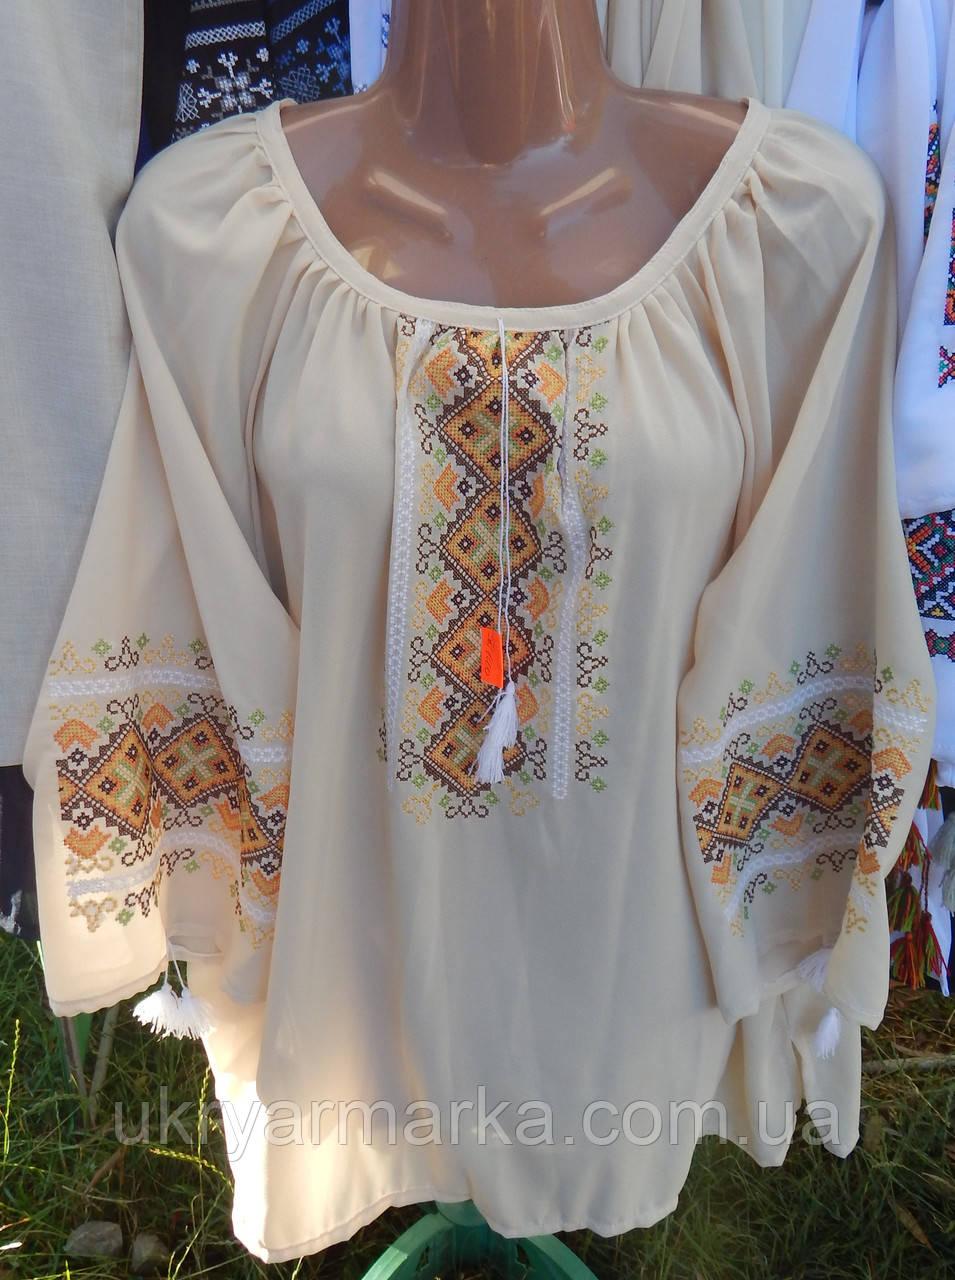 91b69ab4950 Жіноча блузка